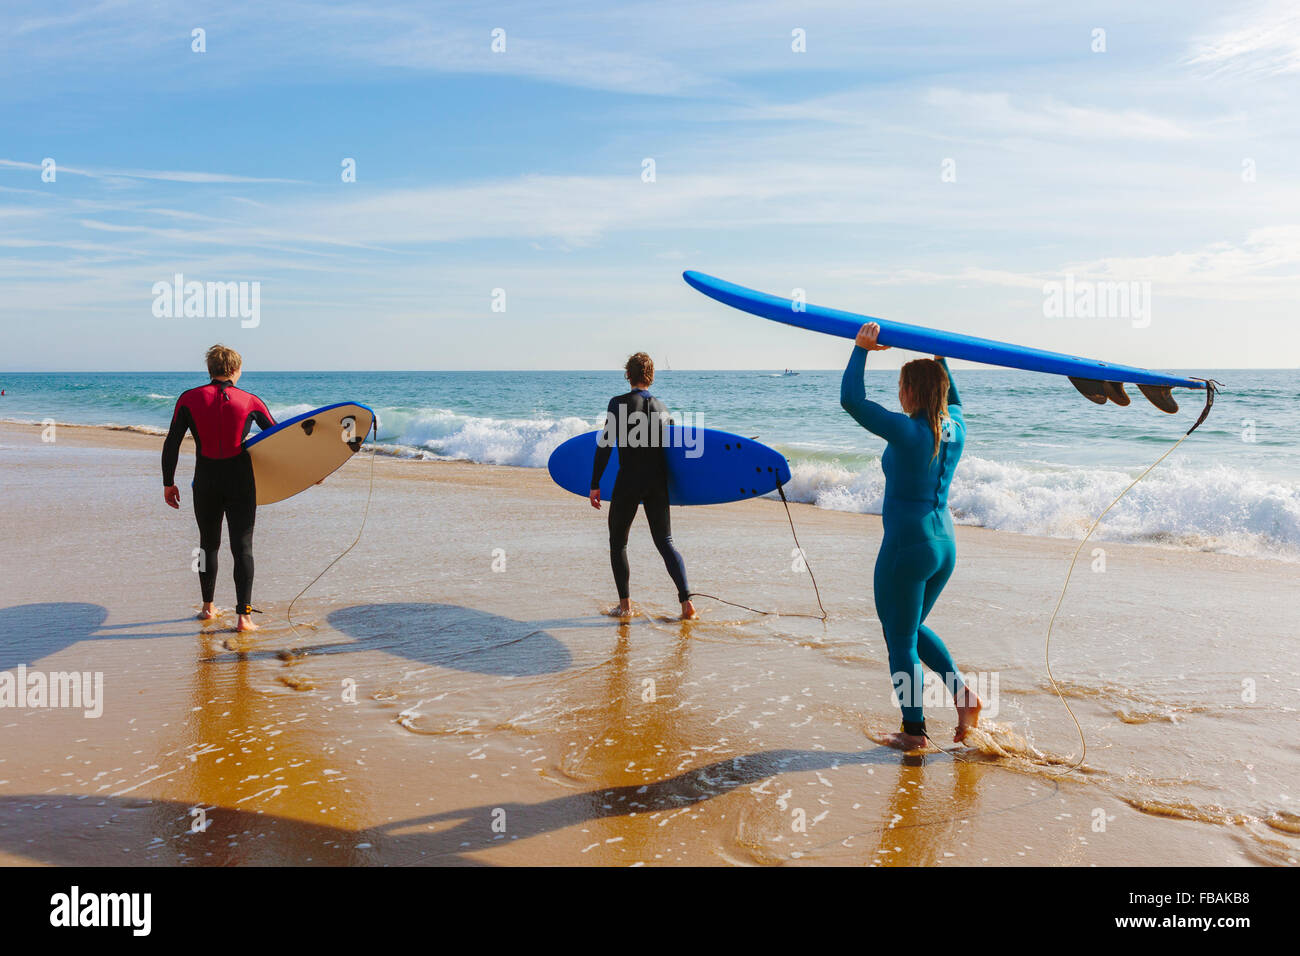 Il Portogallo, Lisbona, tre persone che trasportano le tavole da surf in spiaggia Immagini Stock